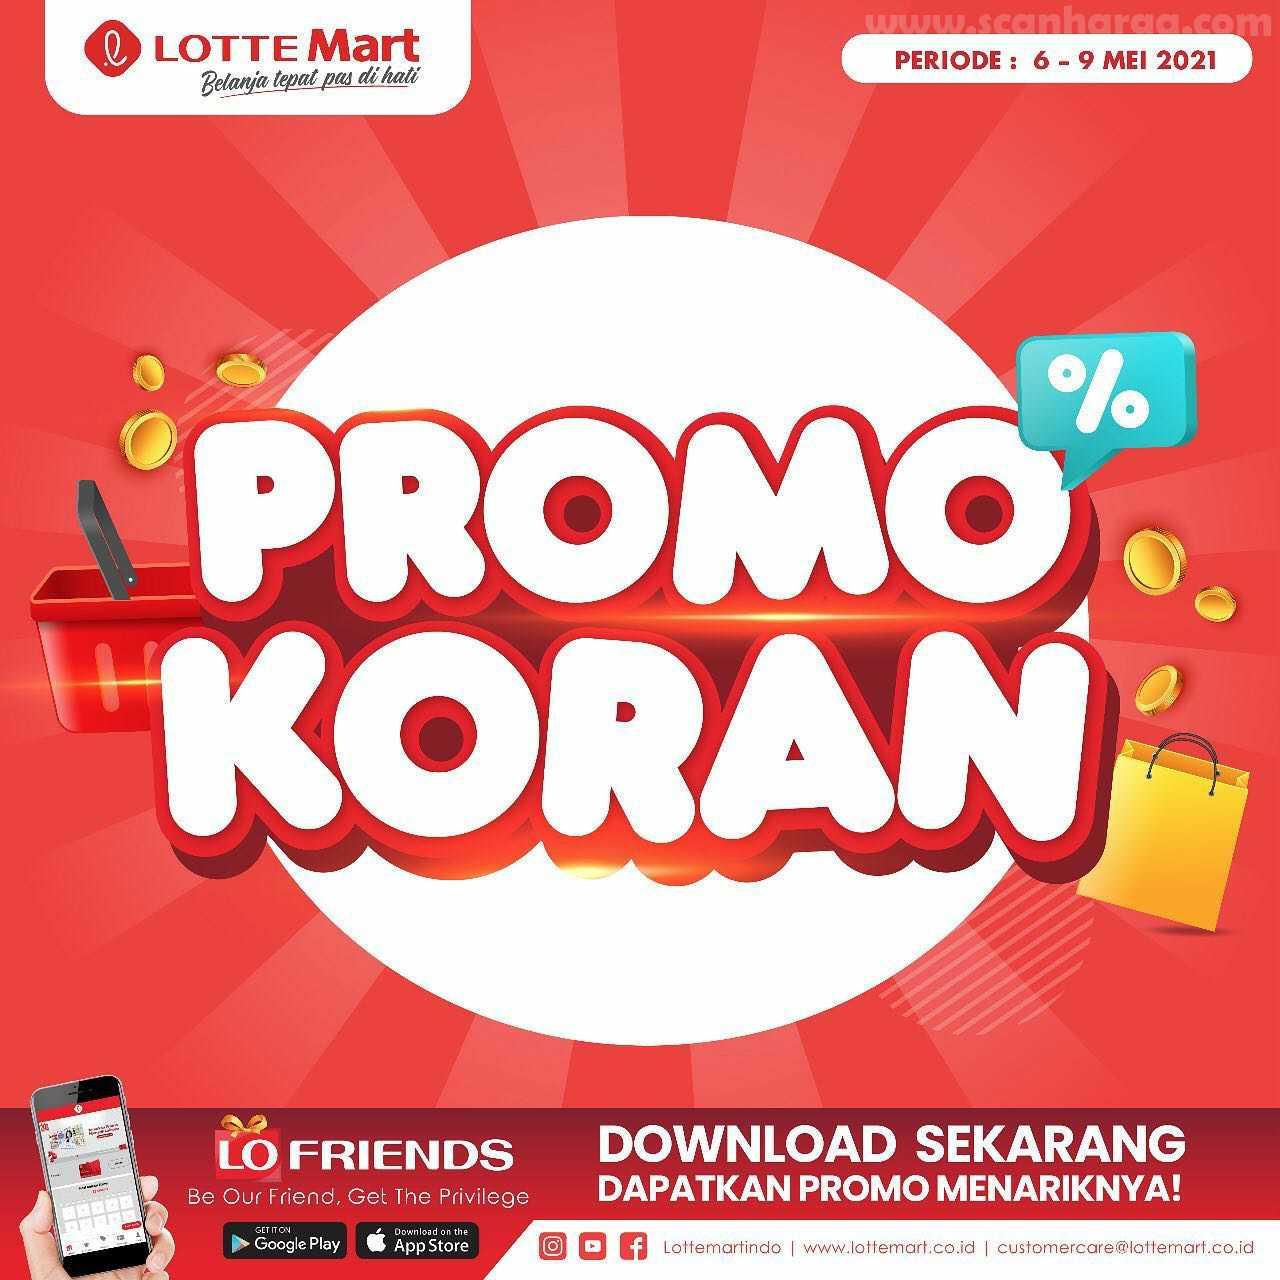 Katalog Promo Lottemart Weekend 6 - 9 Mei 2021 1